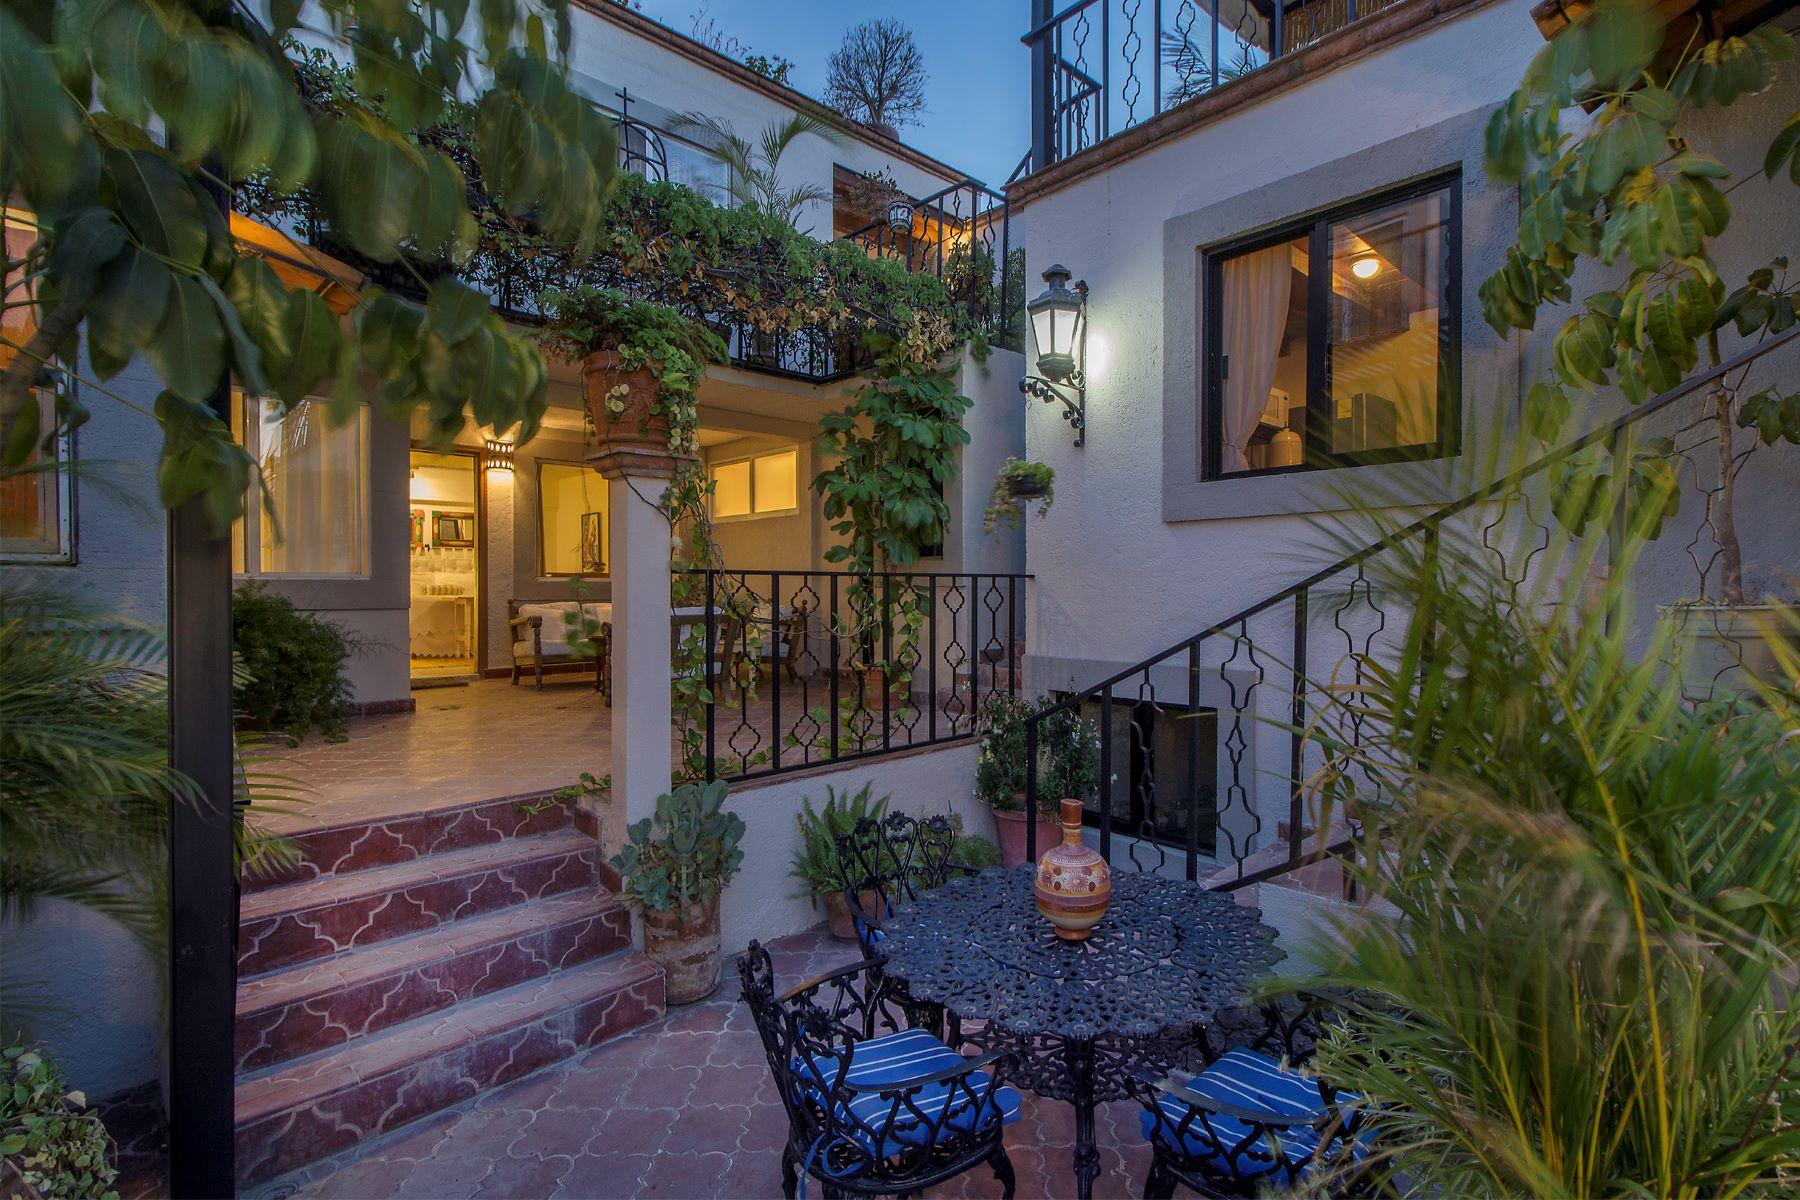 Other Residential for Sale at Casitas Aparicio Centro, San Miguel De Allende, Guanajuato Mexico